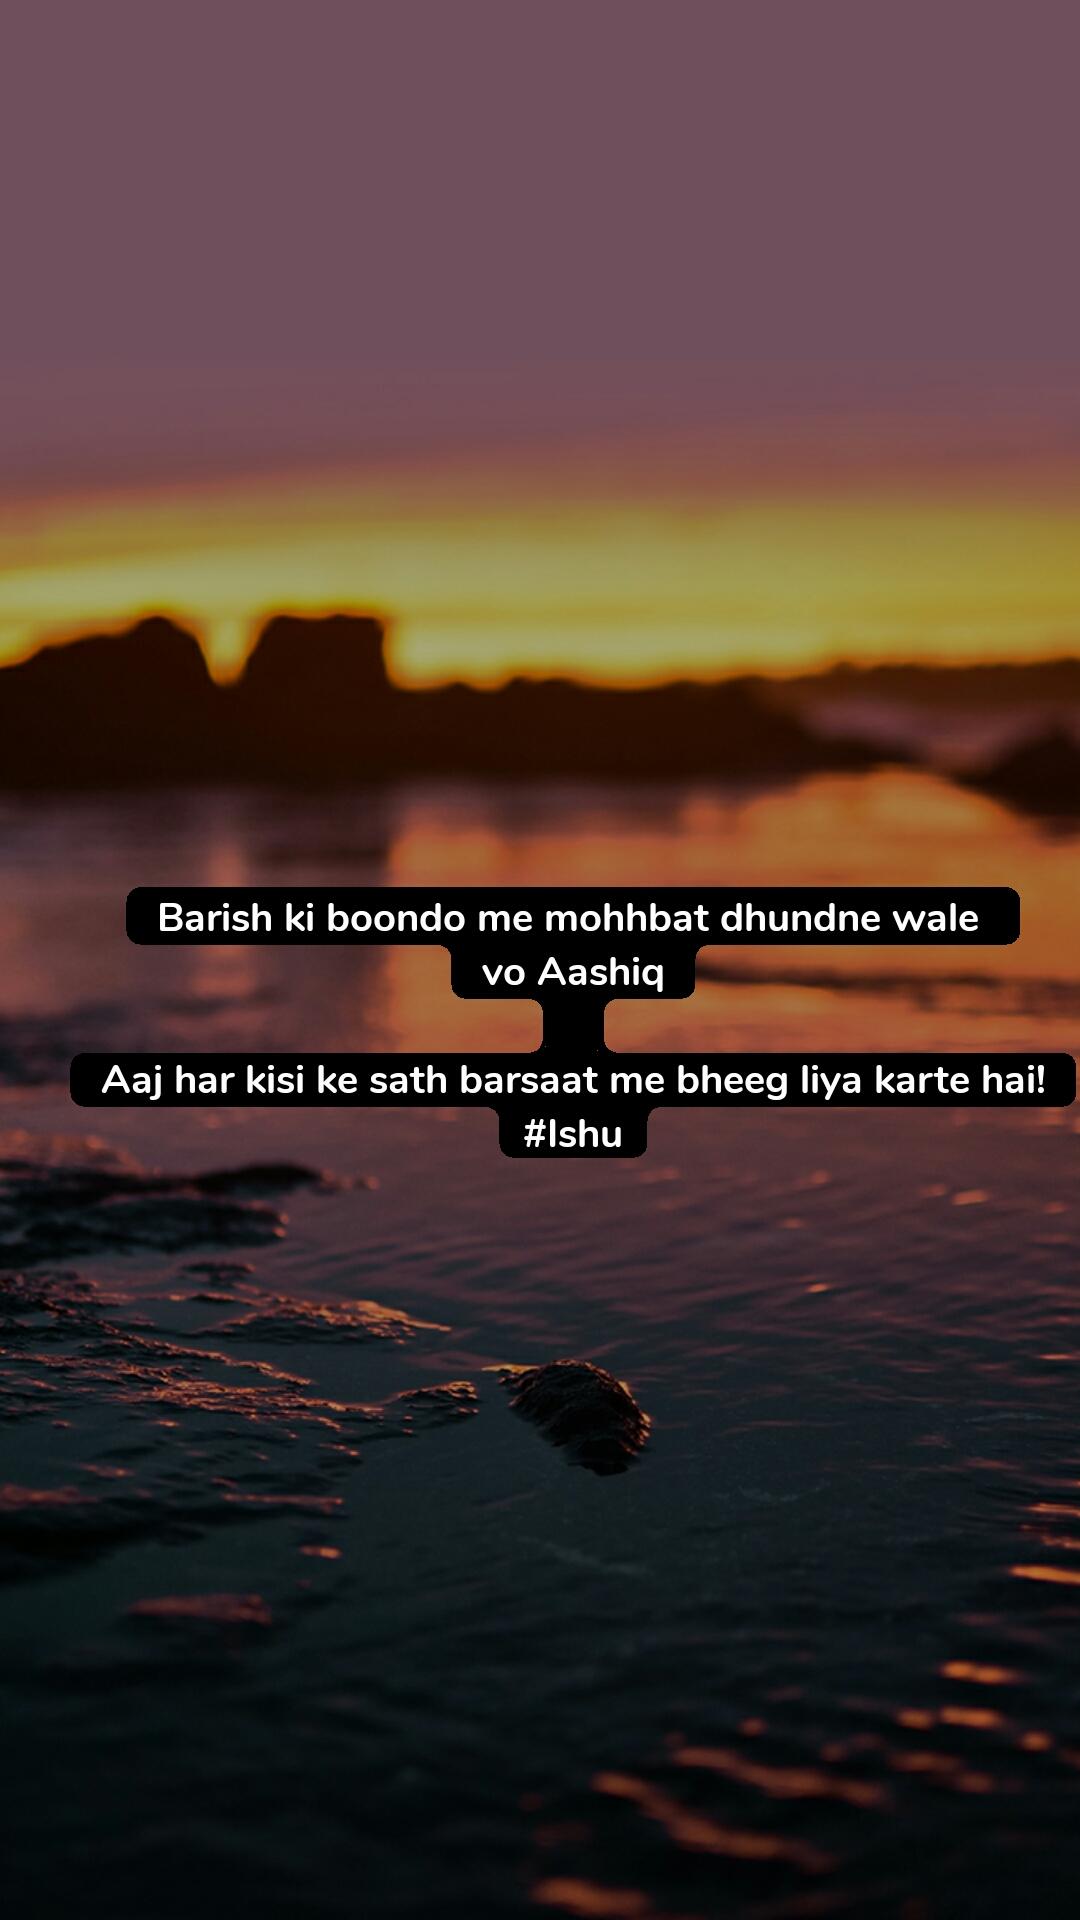 Barish ki boondo me mohhbat dhundne wale  vo Aashiq  Aaj har kisi ke sath barsaat me bheeg liya karte hai! #Ishu